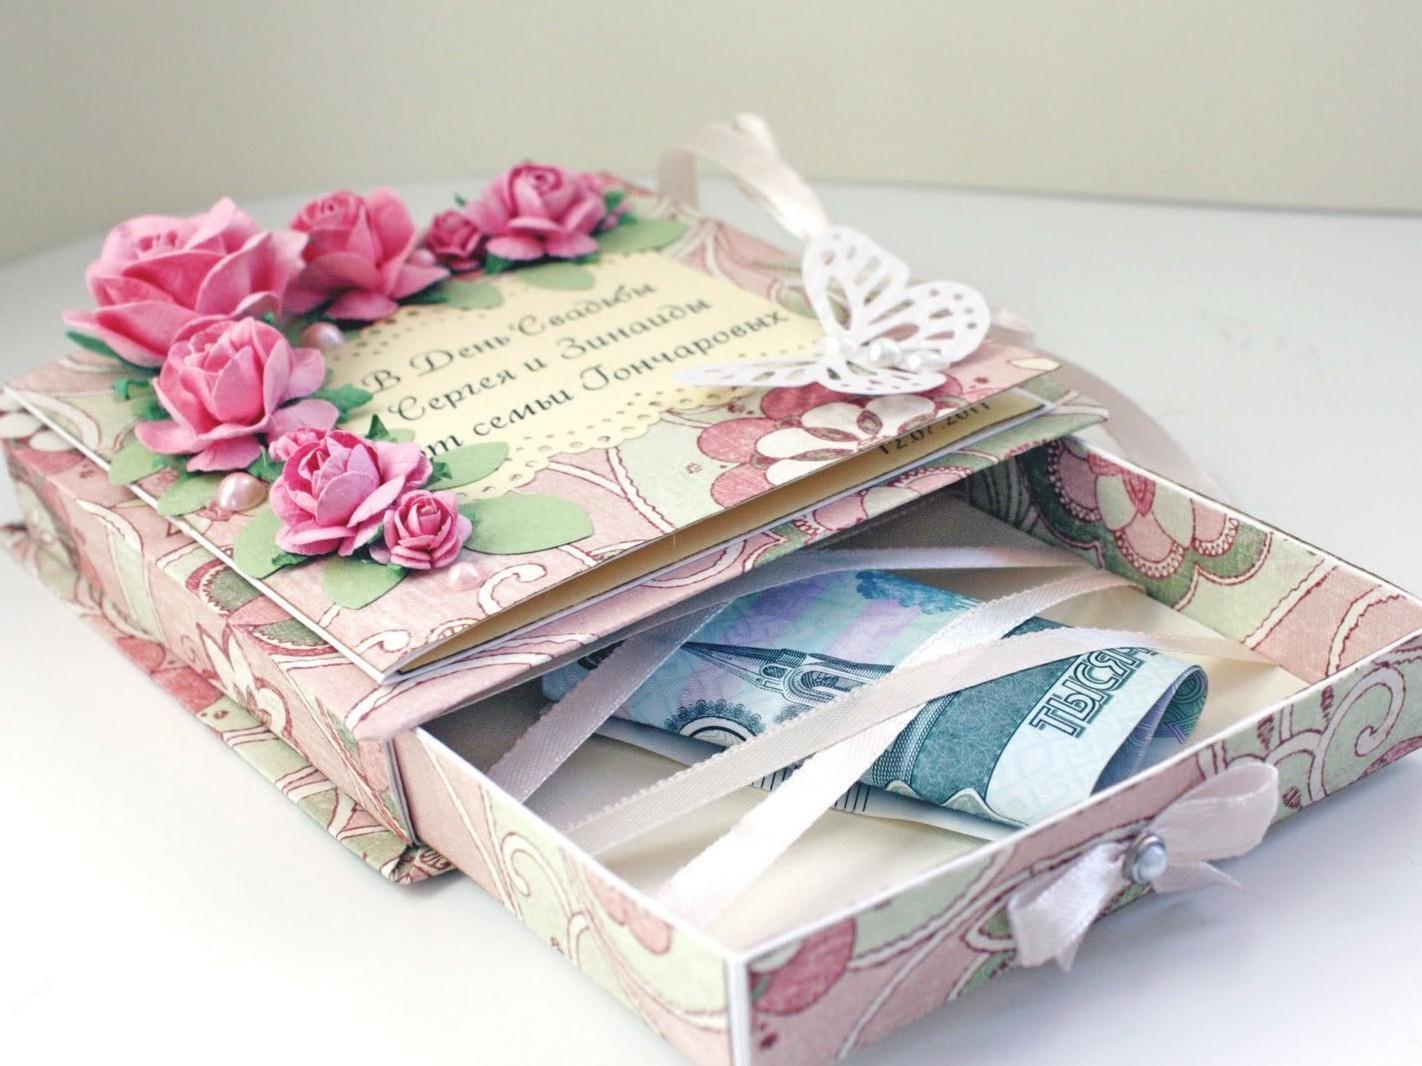 Как можно оригинально подарить подарок на юбилей цветы для оформления купить оптом ростов на дону